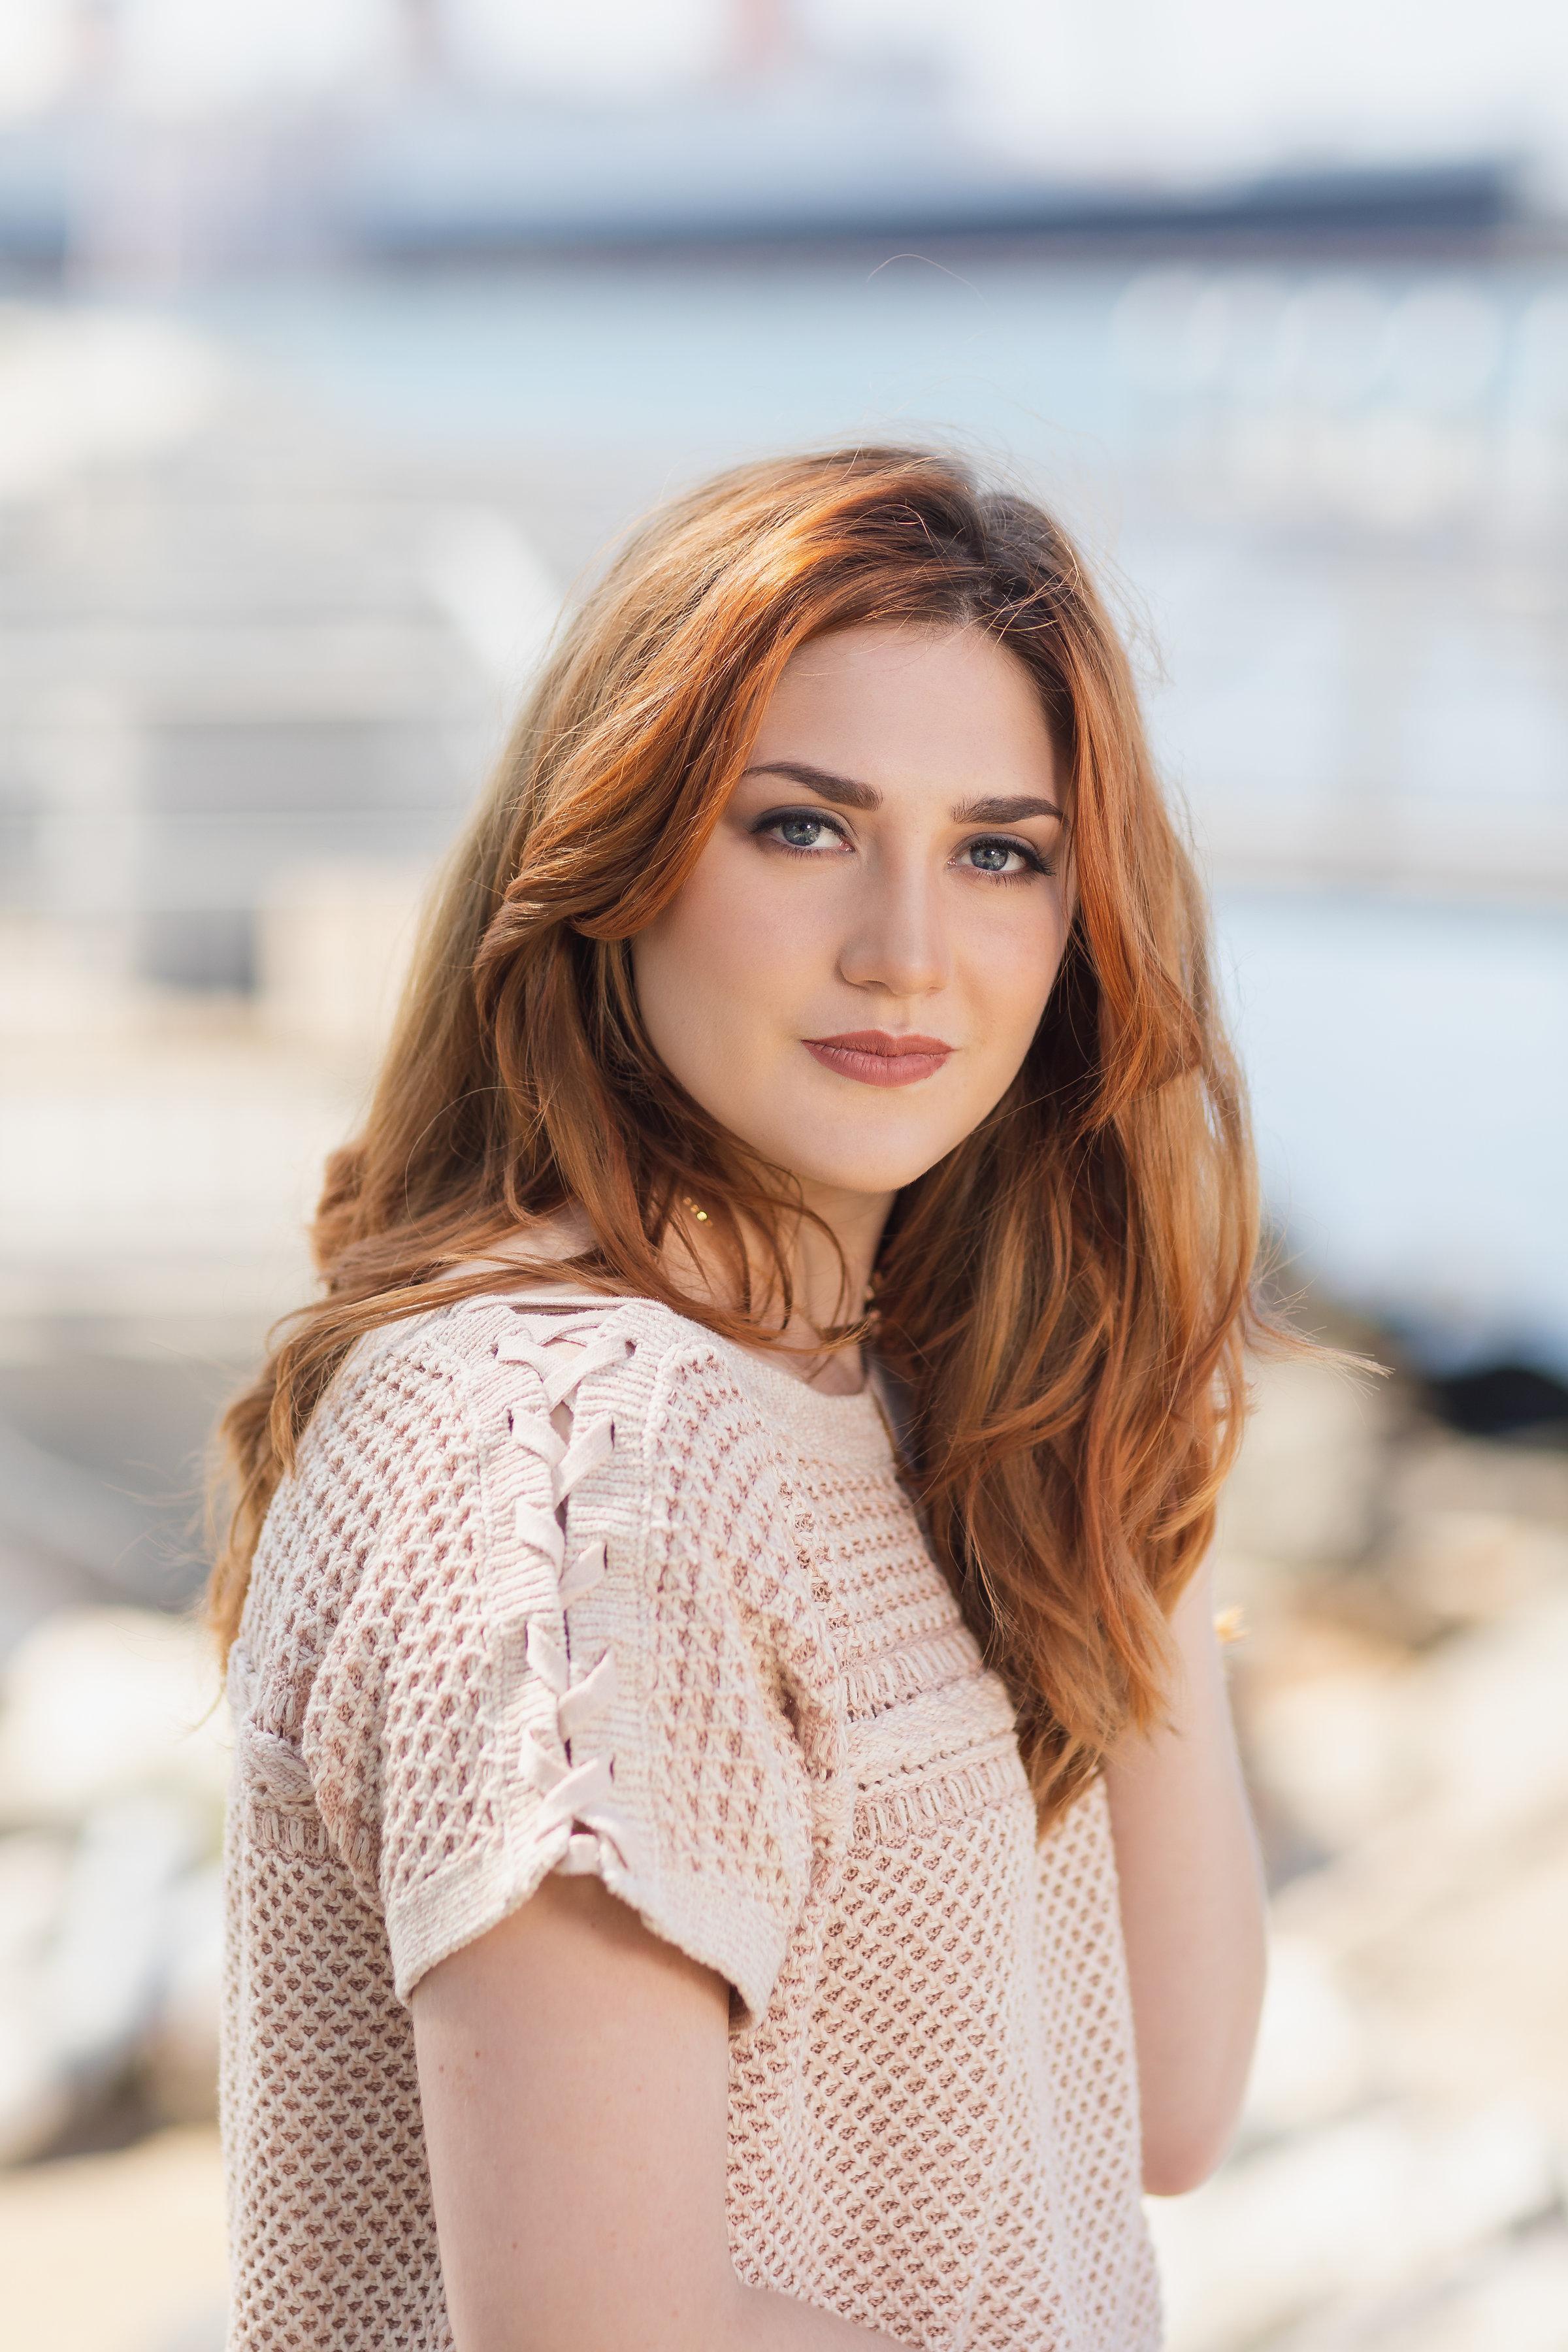 Model: Abigail Reed | Hair & Makeup: Ashley Melendez